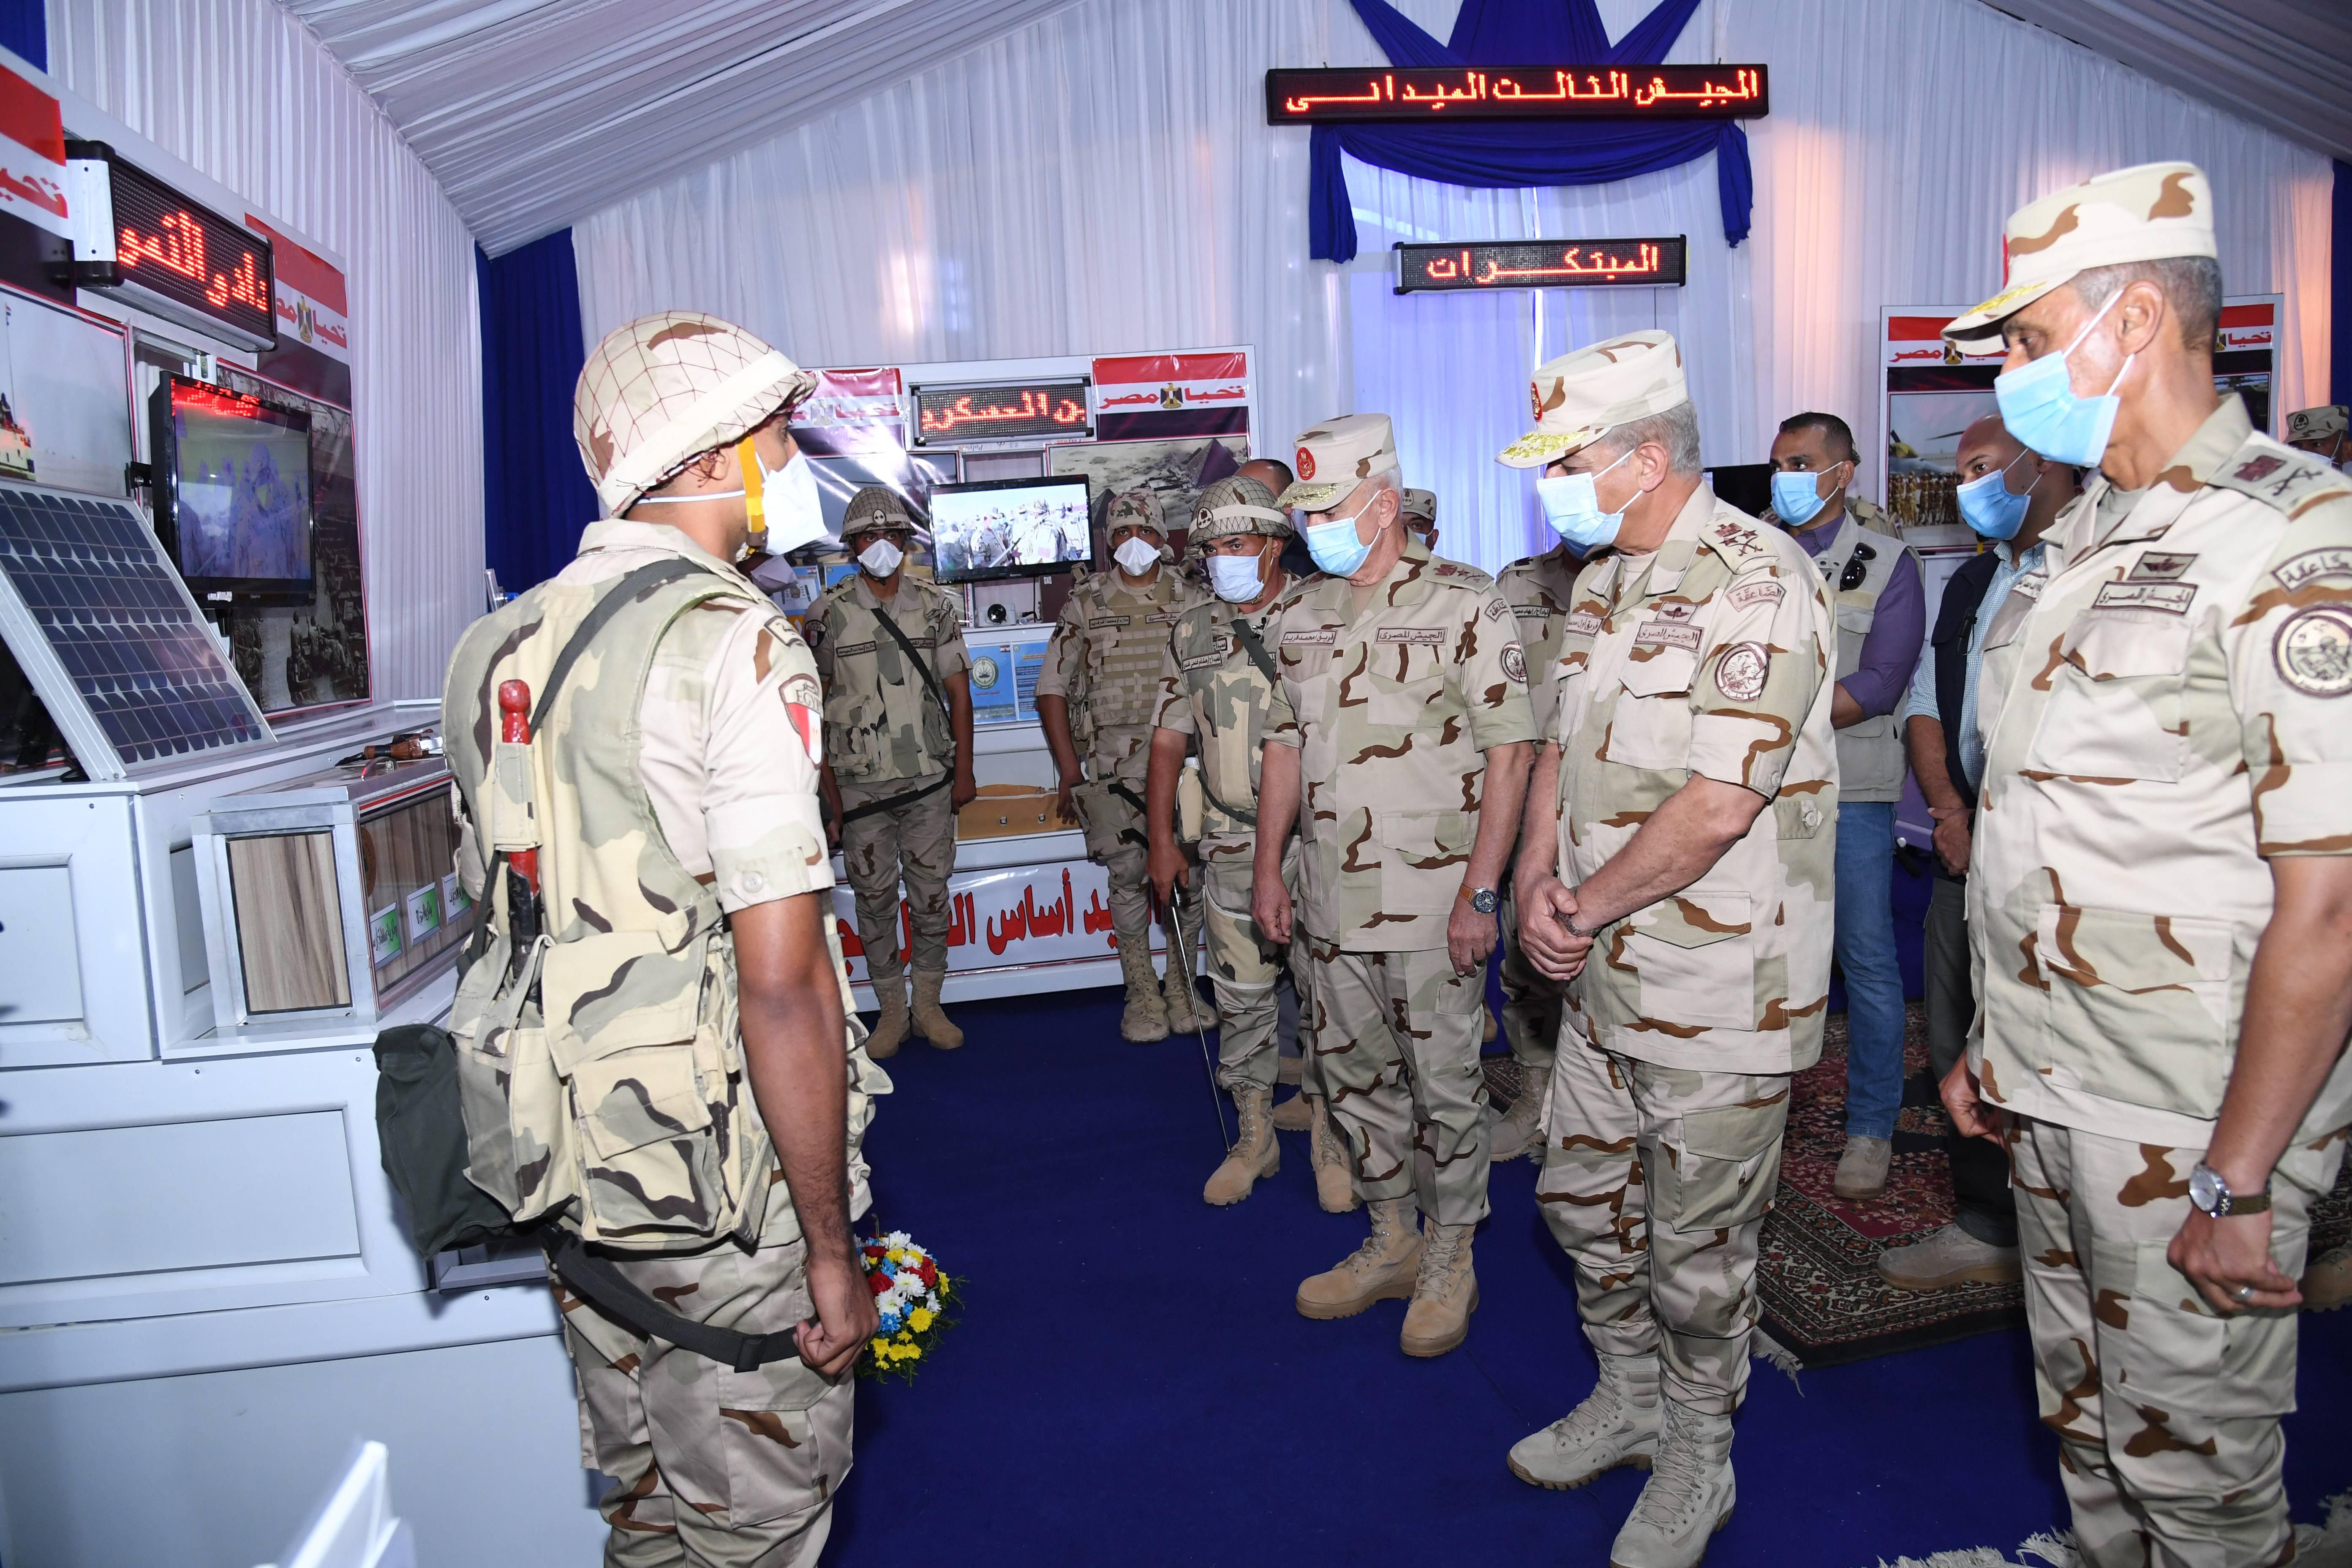 وزير الدفاع يتفقد إجراءات تفتيش الحرب لإحدى تشكيلات الجيش الثالث الميدانى (4)